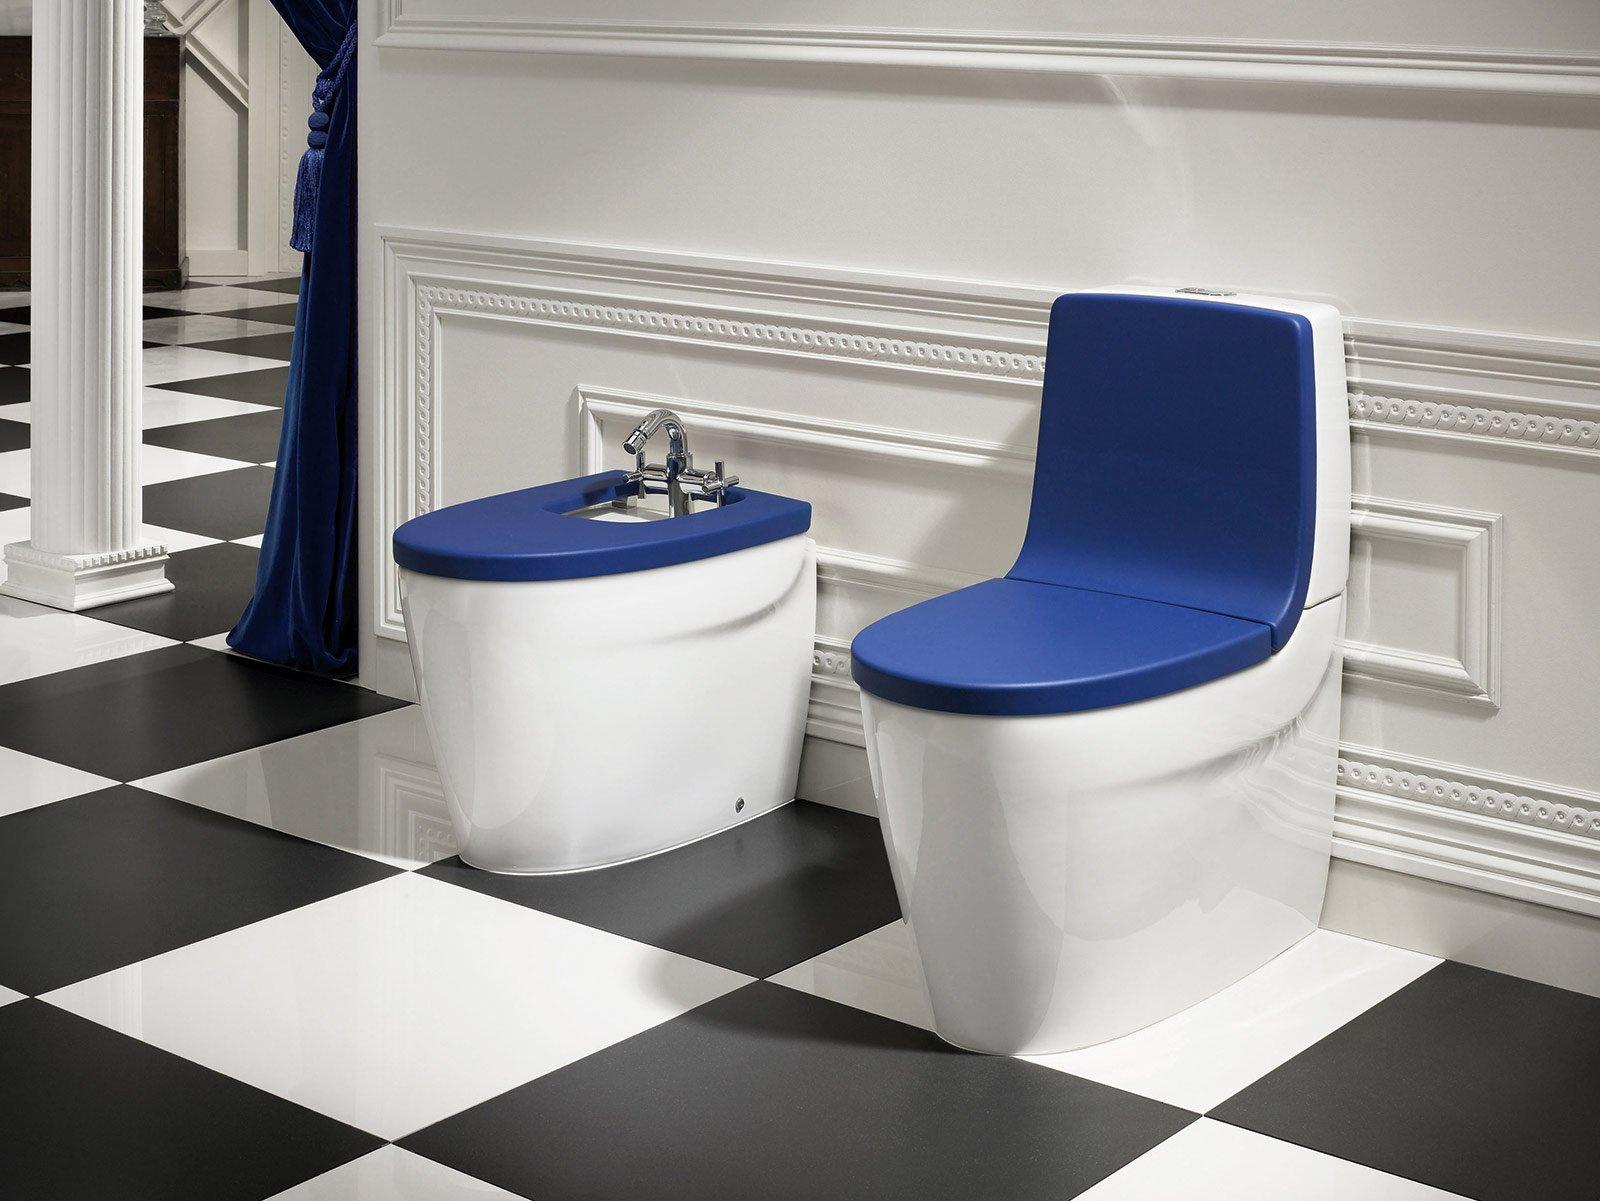 Bagni Colorati Blu : Bagno blu un classico reso attuale cose di casa